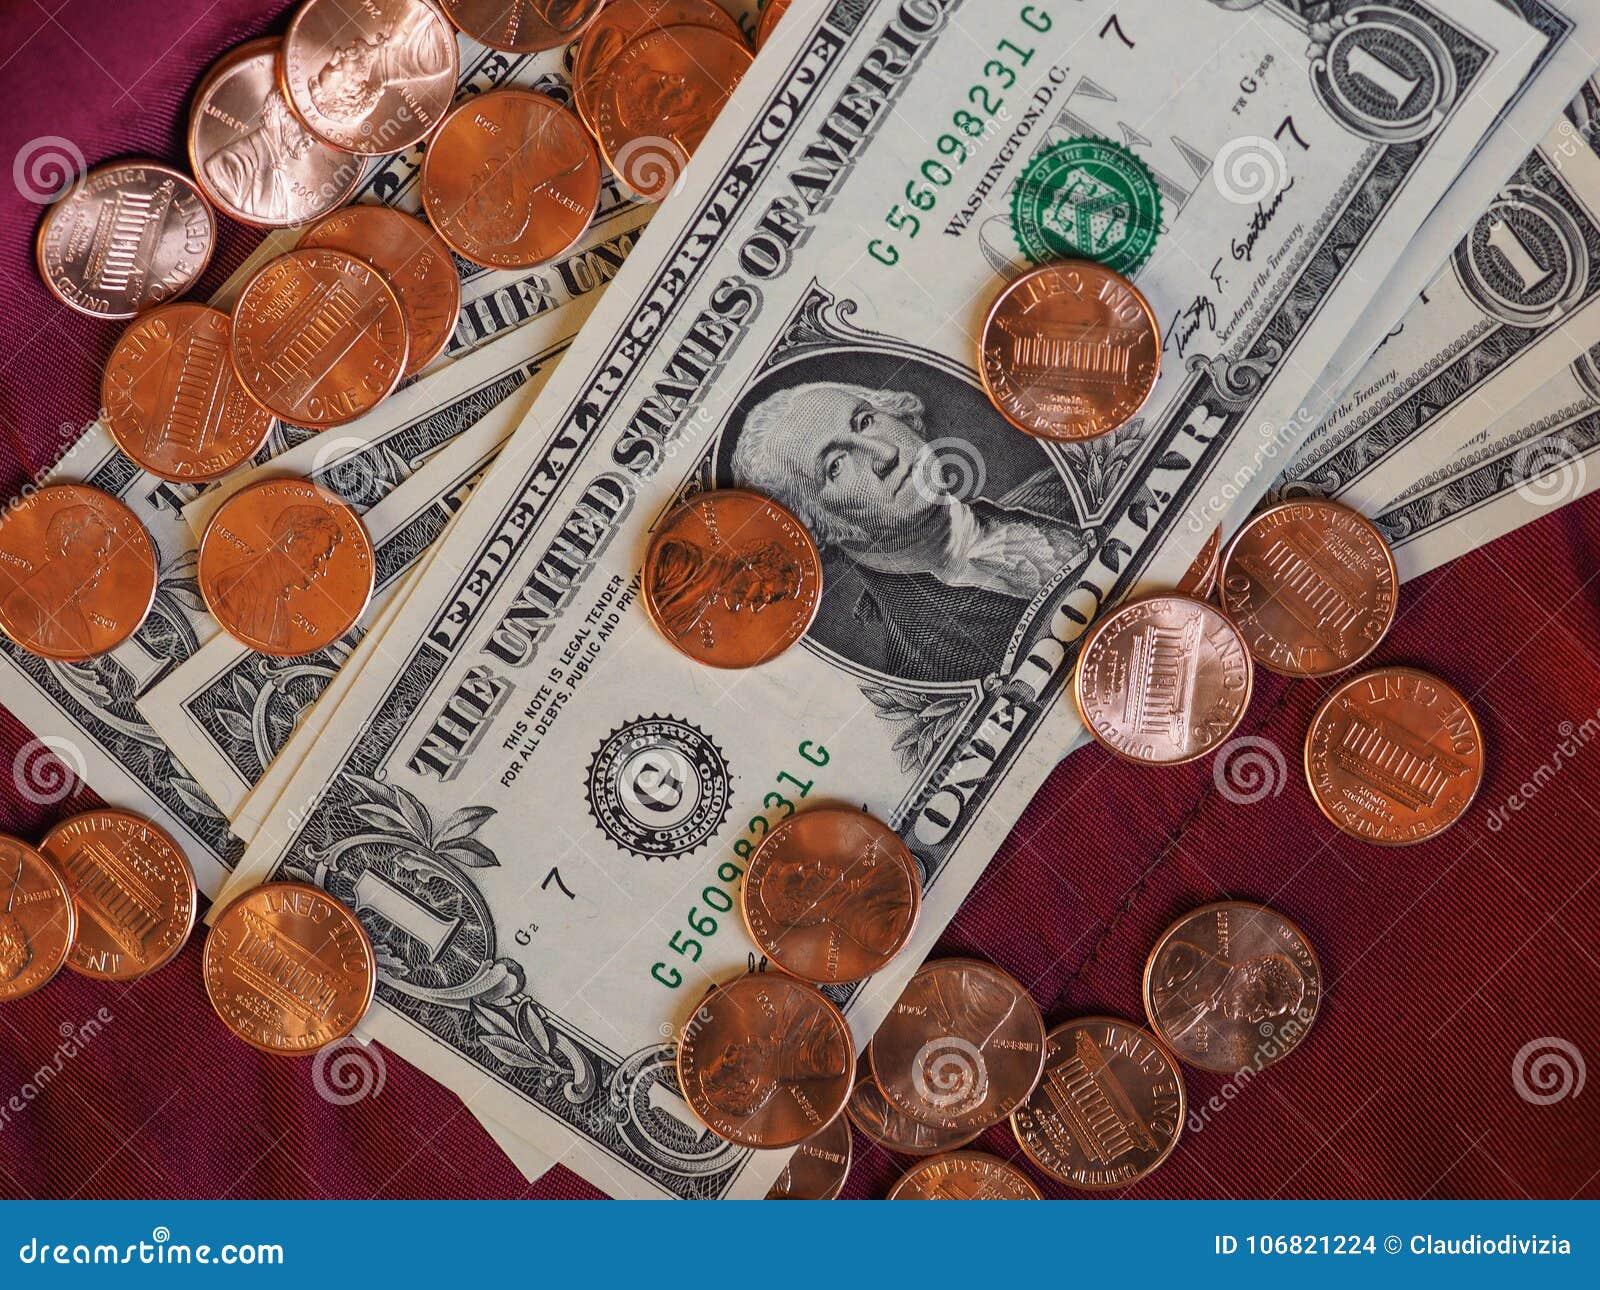 Dolar notatki i moneta, Stany Zjednoczone nad czerwonym aksamitnym tłem